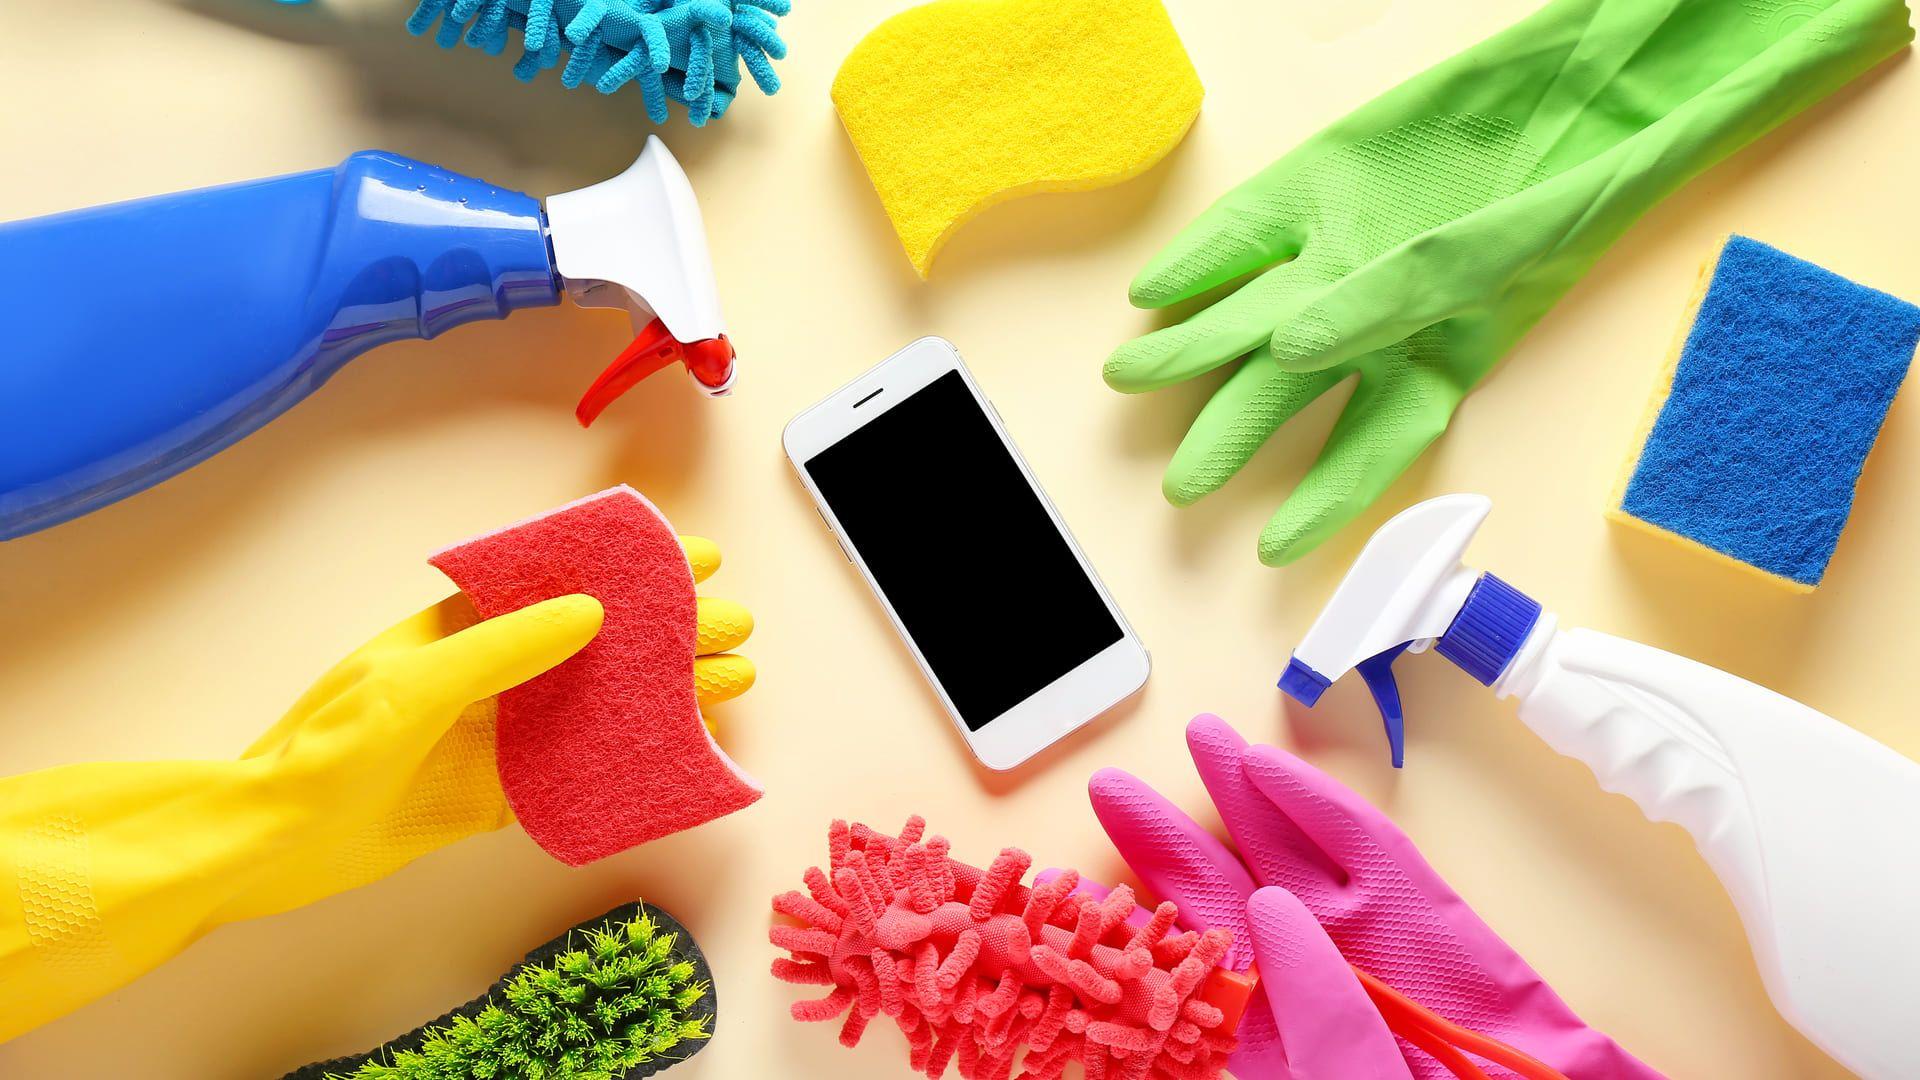 Celular não reconhece fone de ouvido: Limpe a entrada do fone. (Foto: Shutterstock.)